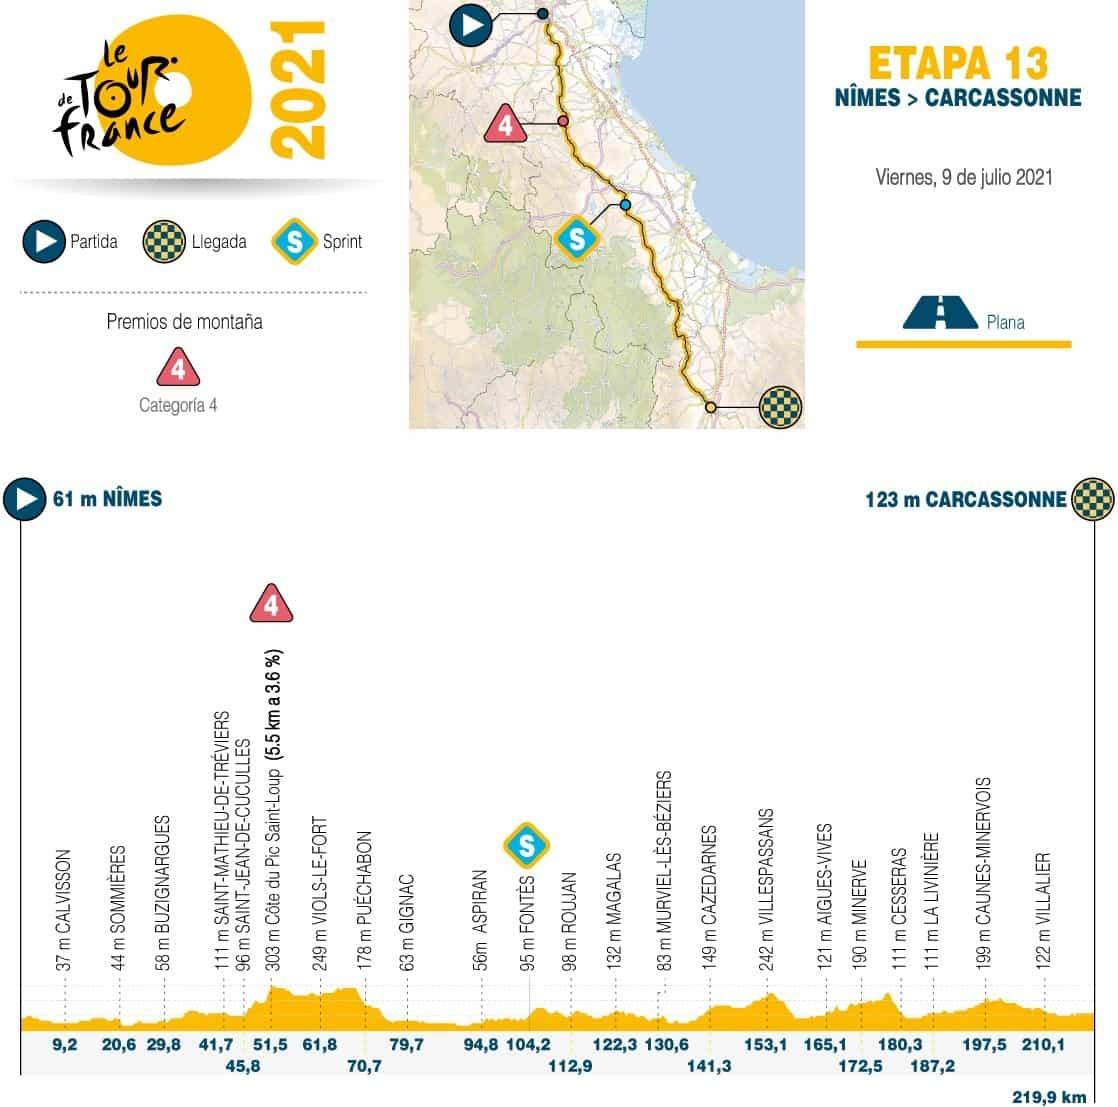 [Tour de Francia] Así es la etapa de hoy en la Grande Boucle 1